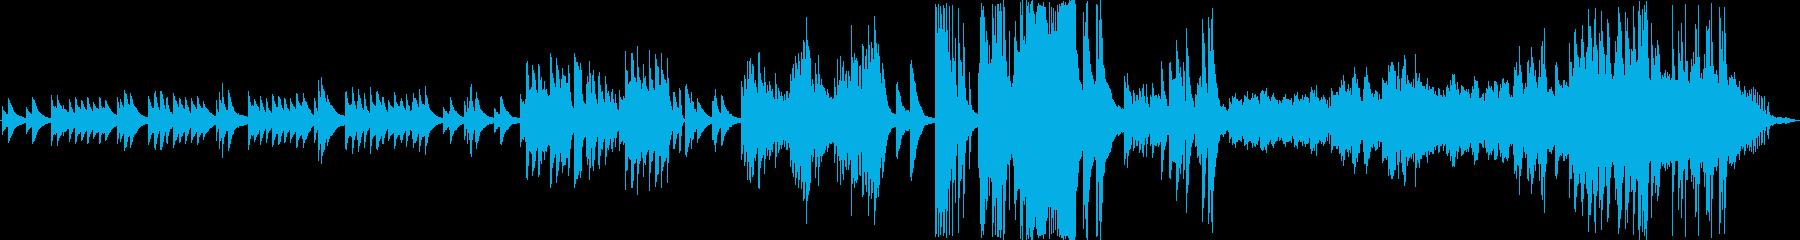 ピアノソロ 変わりゆく風の憧憬の再生済みの波形